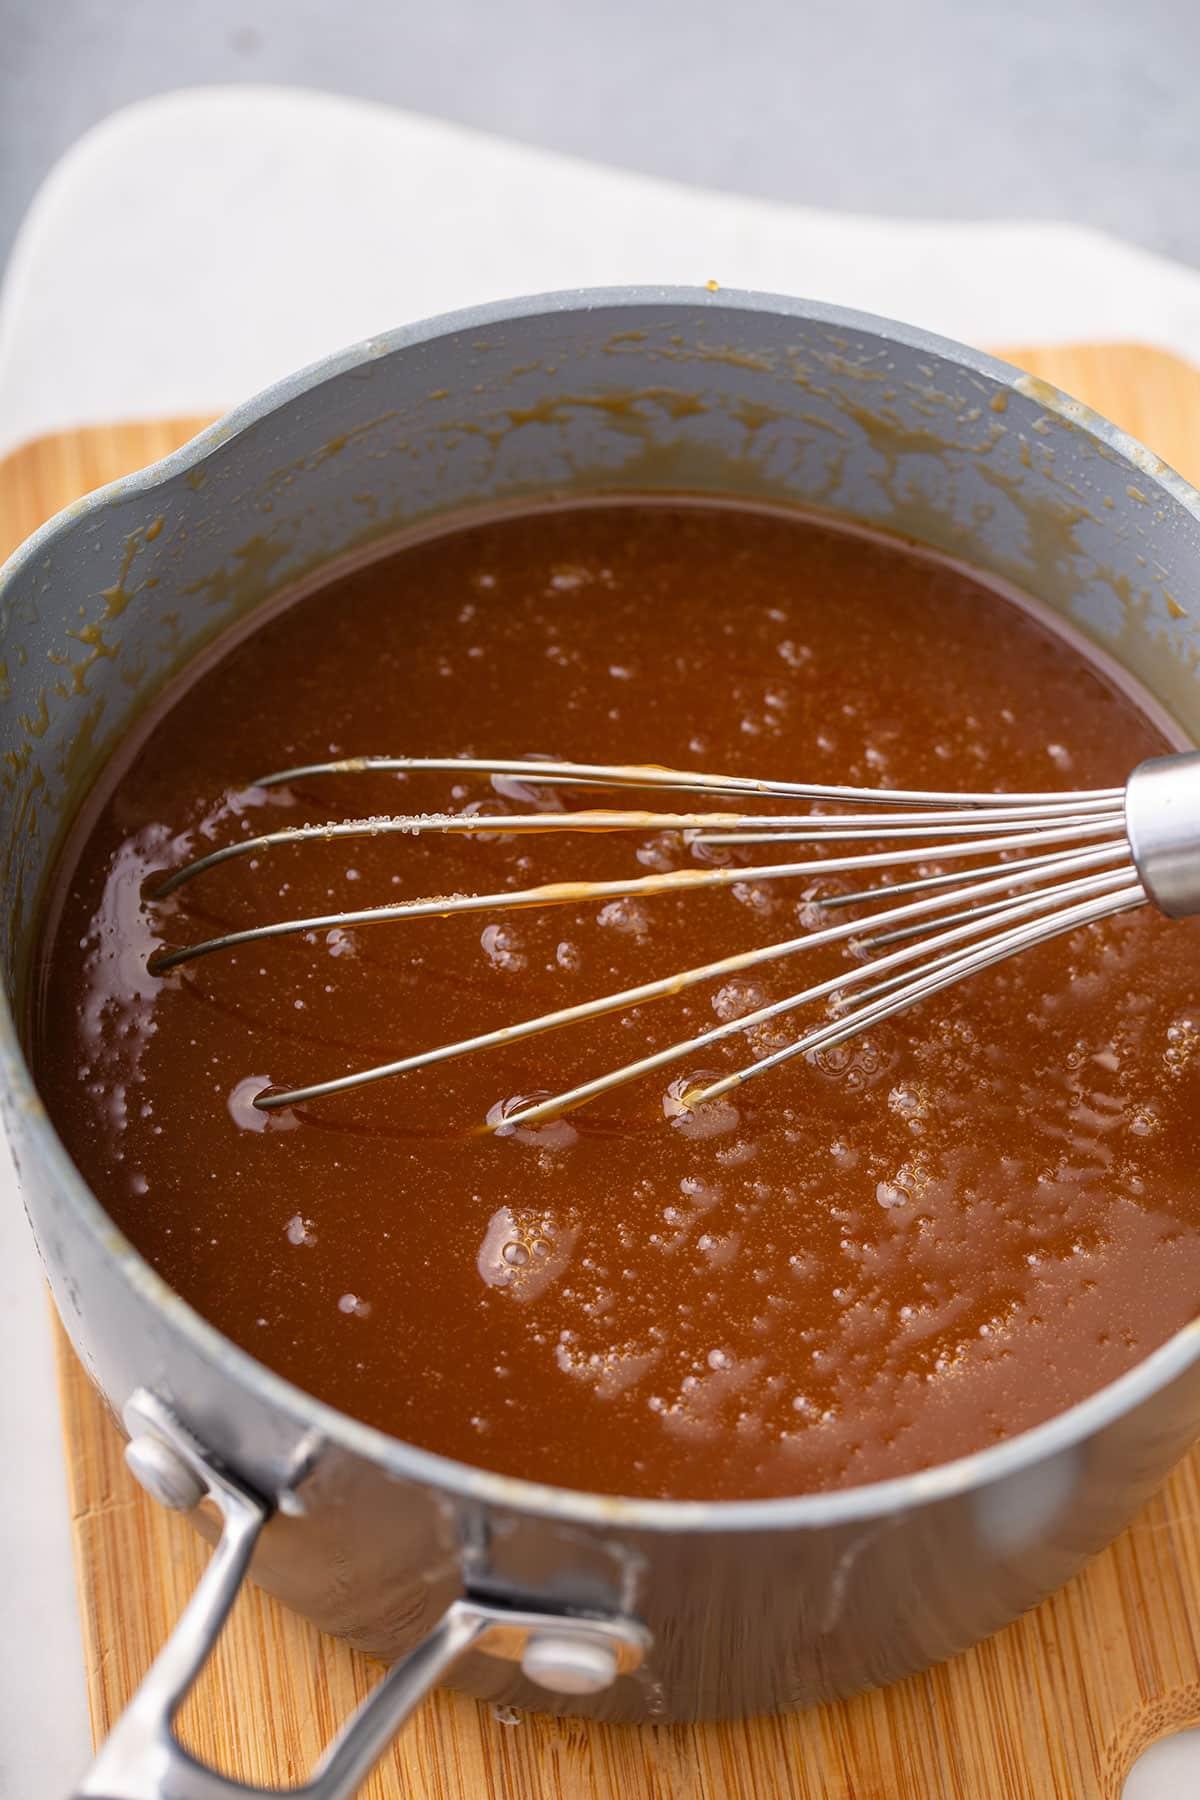 Caramel sauce in a saucepan.